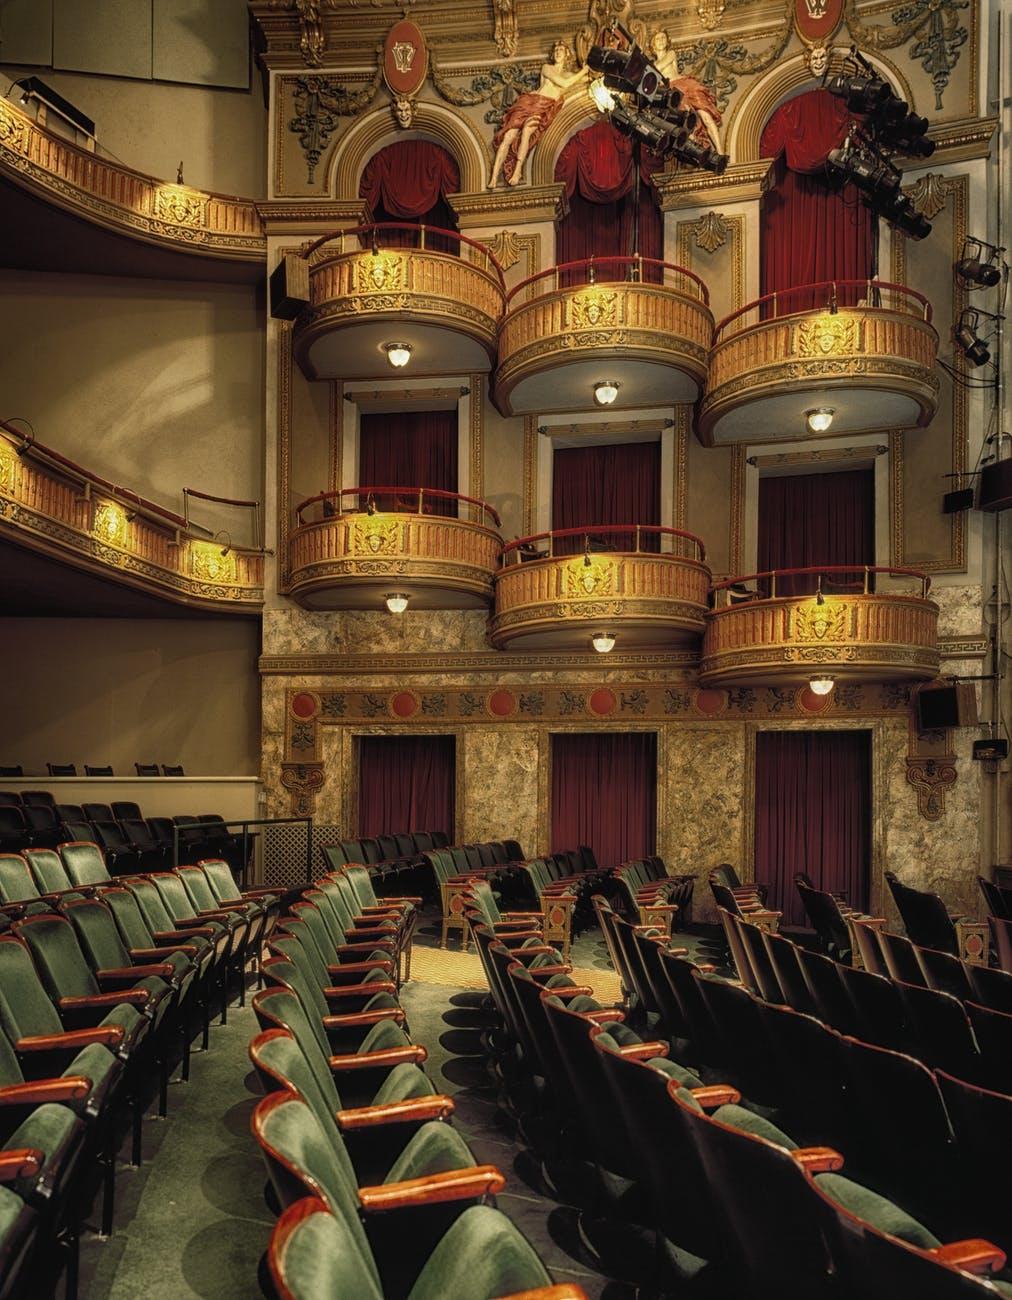 Ξεκινά σήμερα η προπώληση για τις διαδικτυακές παραστάσεις του ΘεάτρουΠορεία